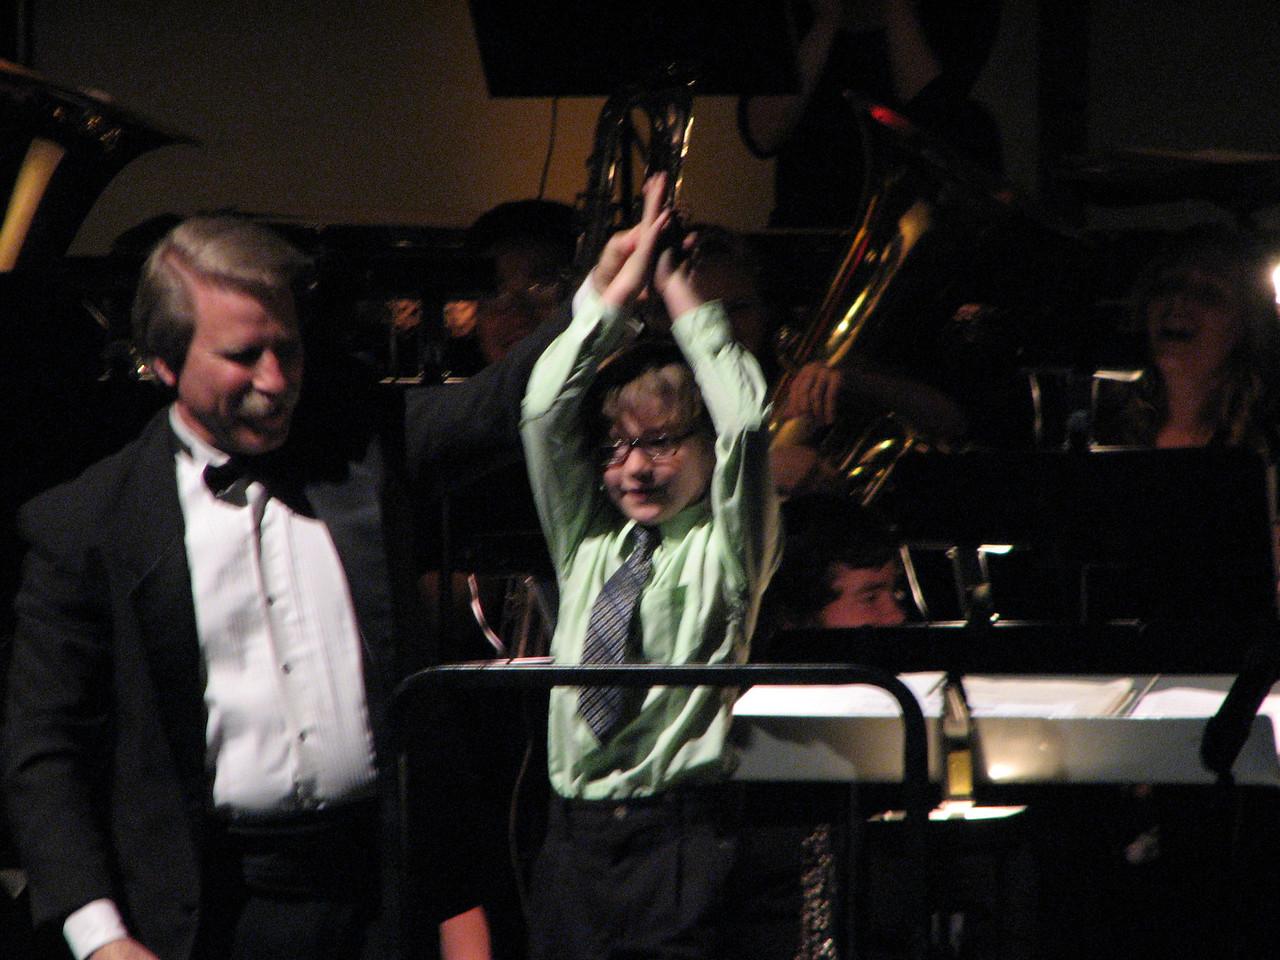 2008 05 03 Sat - Symphonic Winds POPS Concert child conductor 3